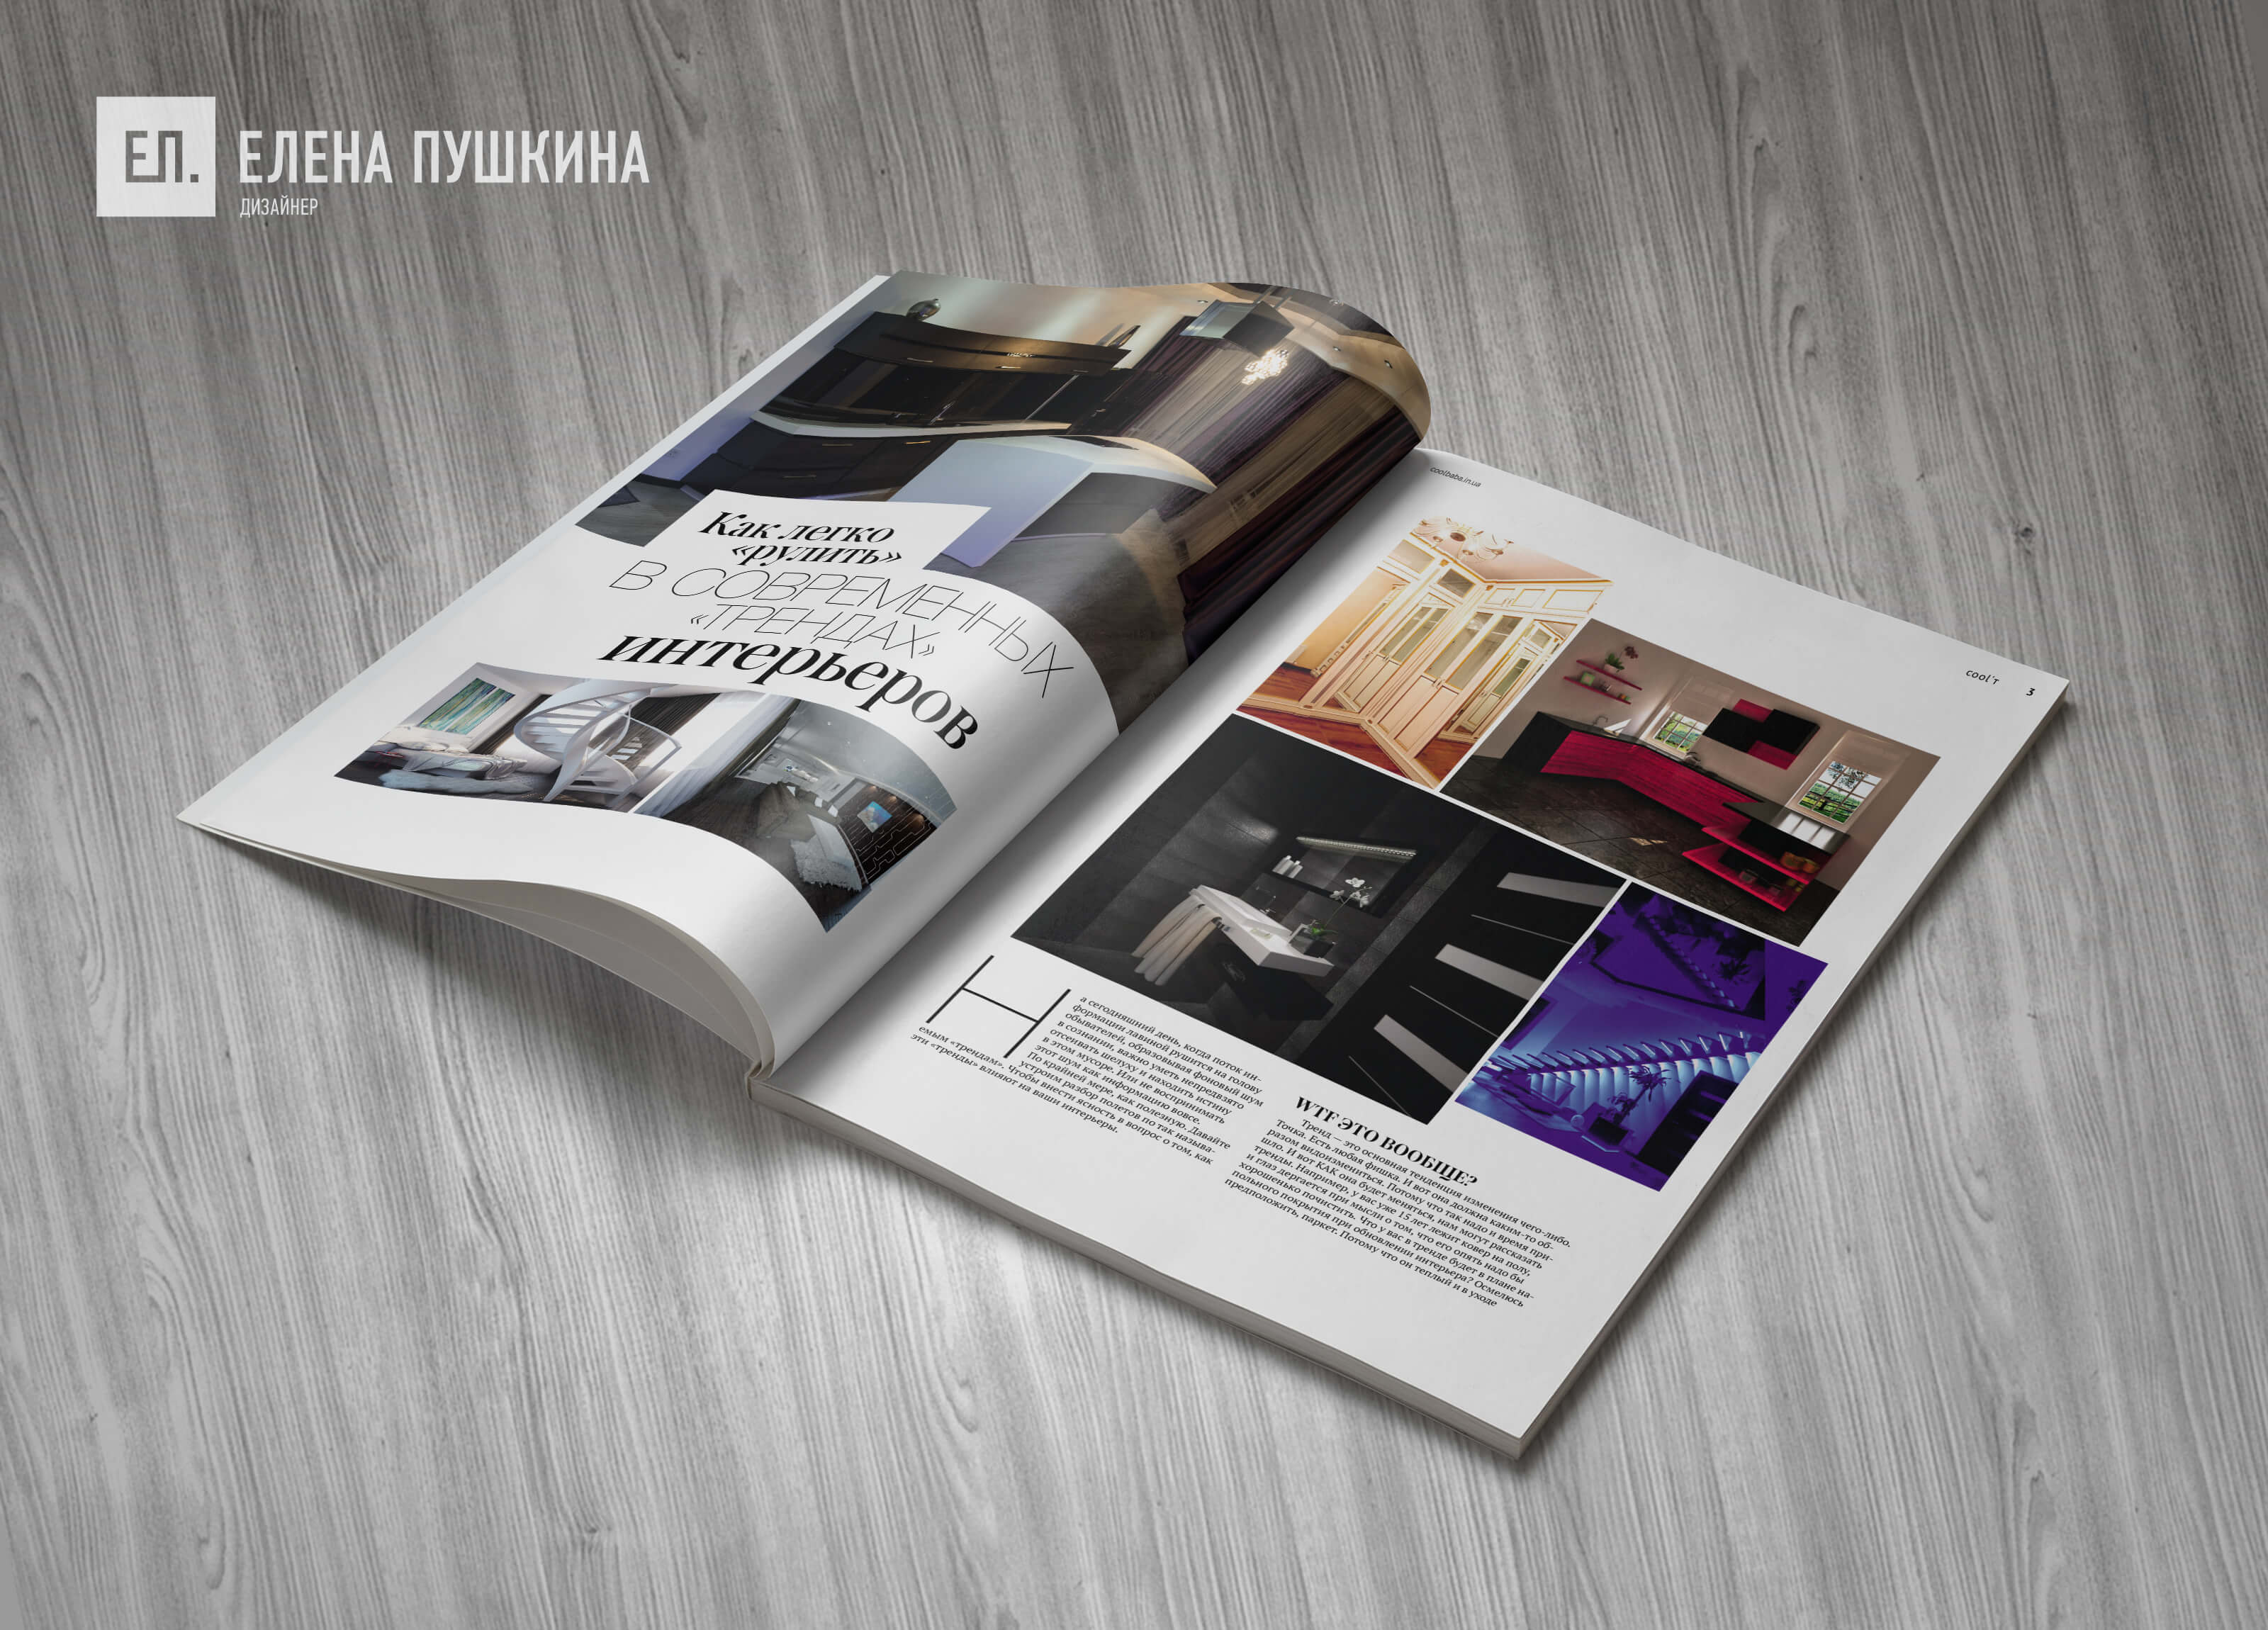 Глянцевый журнал «CoolBaba» №46 май 2019 — разработка дизайна и вёрстка журнала Разработка журналов Портфолио